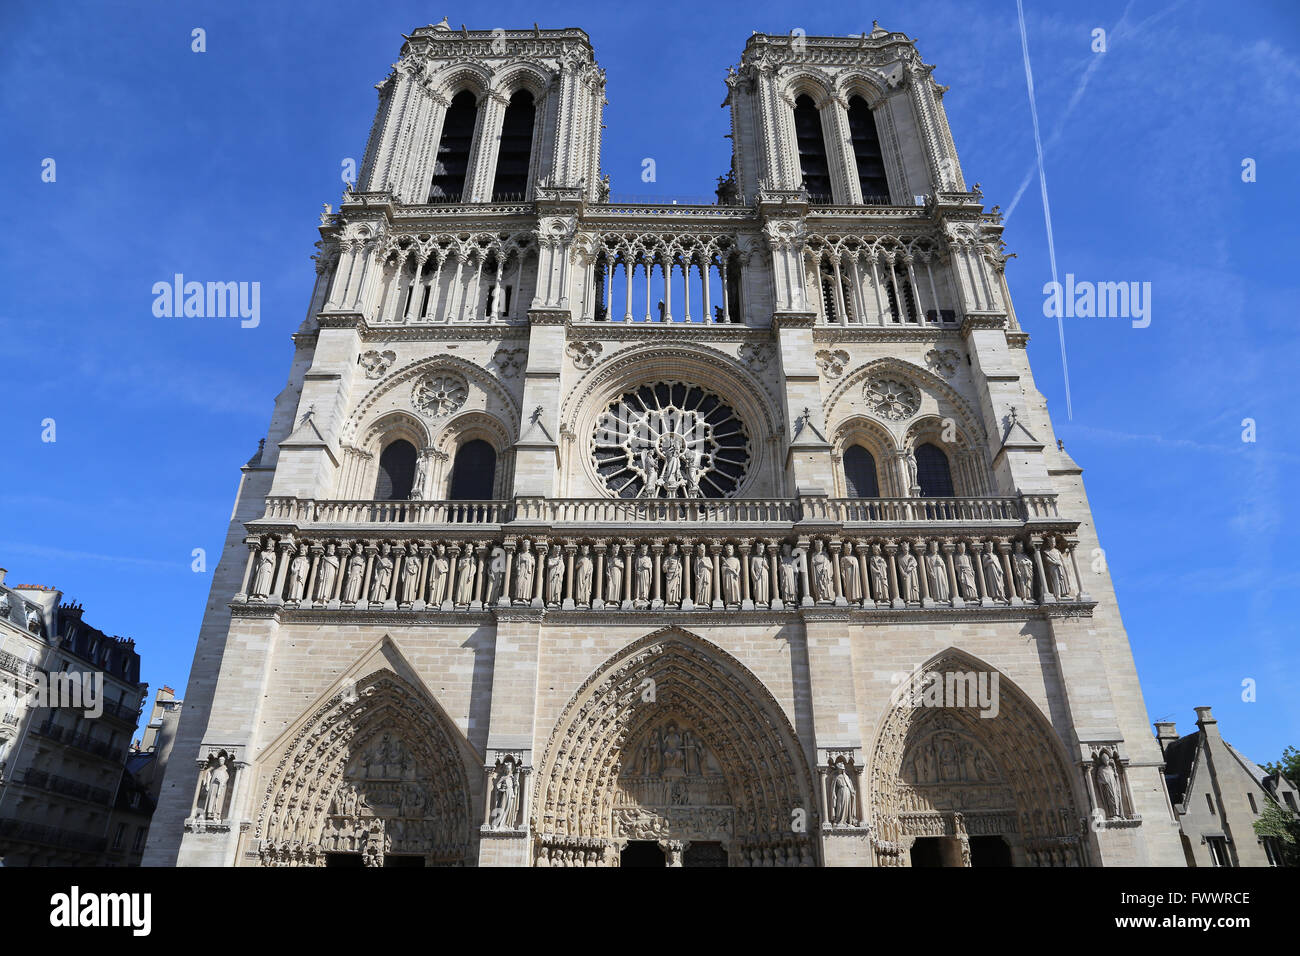 La France. Paris. La façade occidentale de la cathédrale de Notre-Dame. Gothique précoce. 13e siècle. Photo Stock